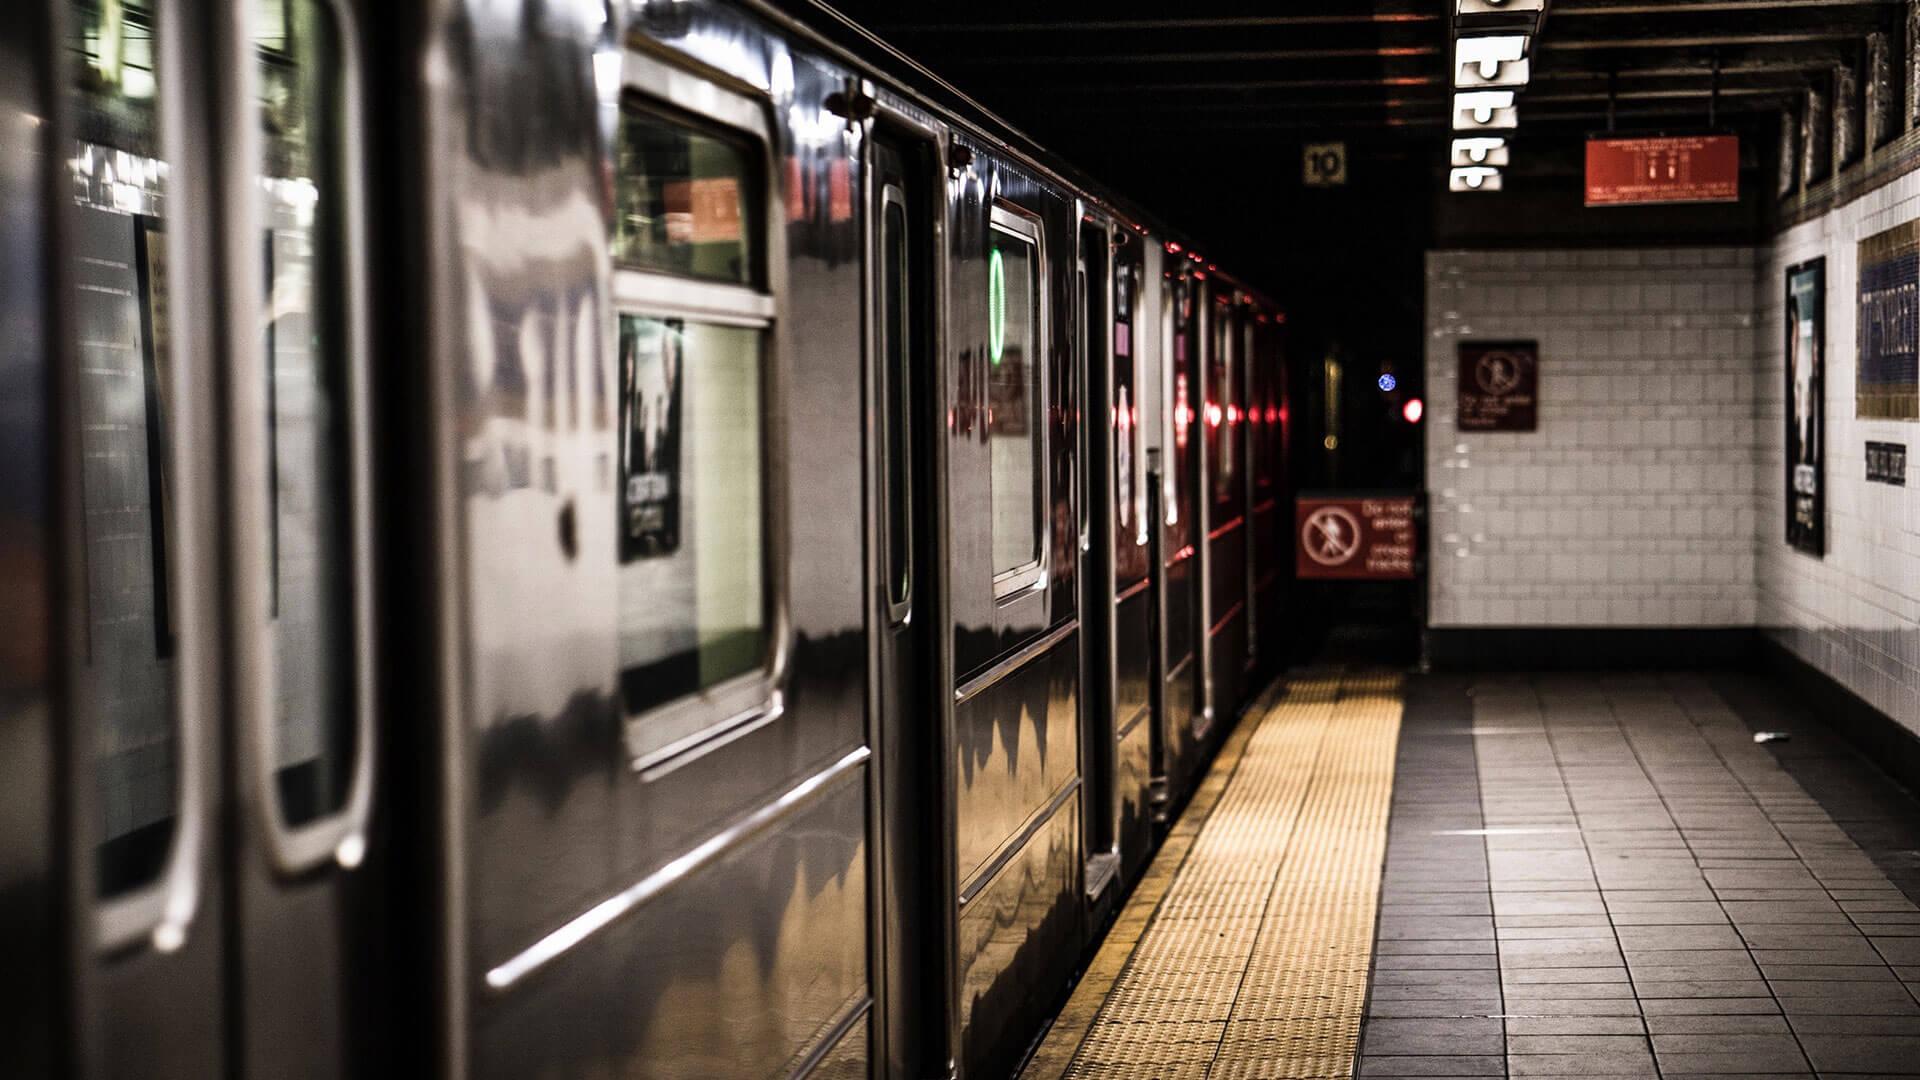 Rücksichtnehmen in der U-Bahn